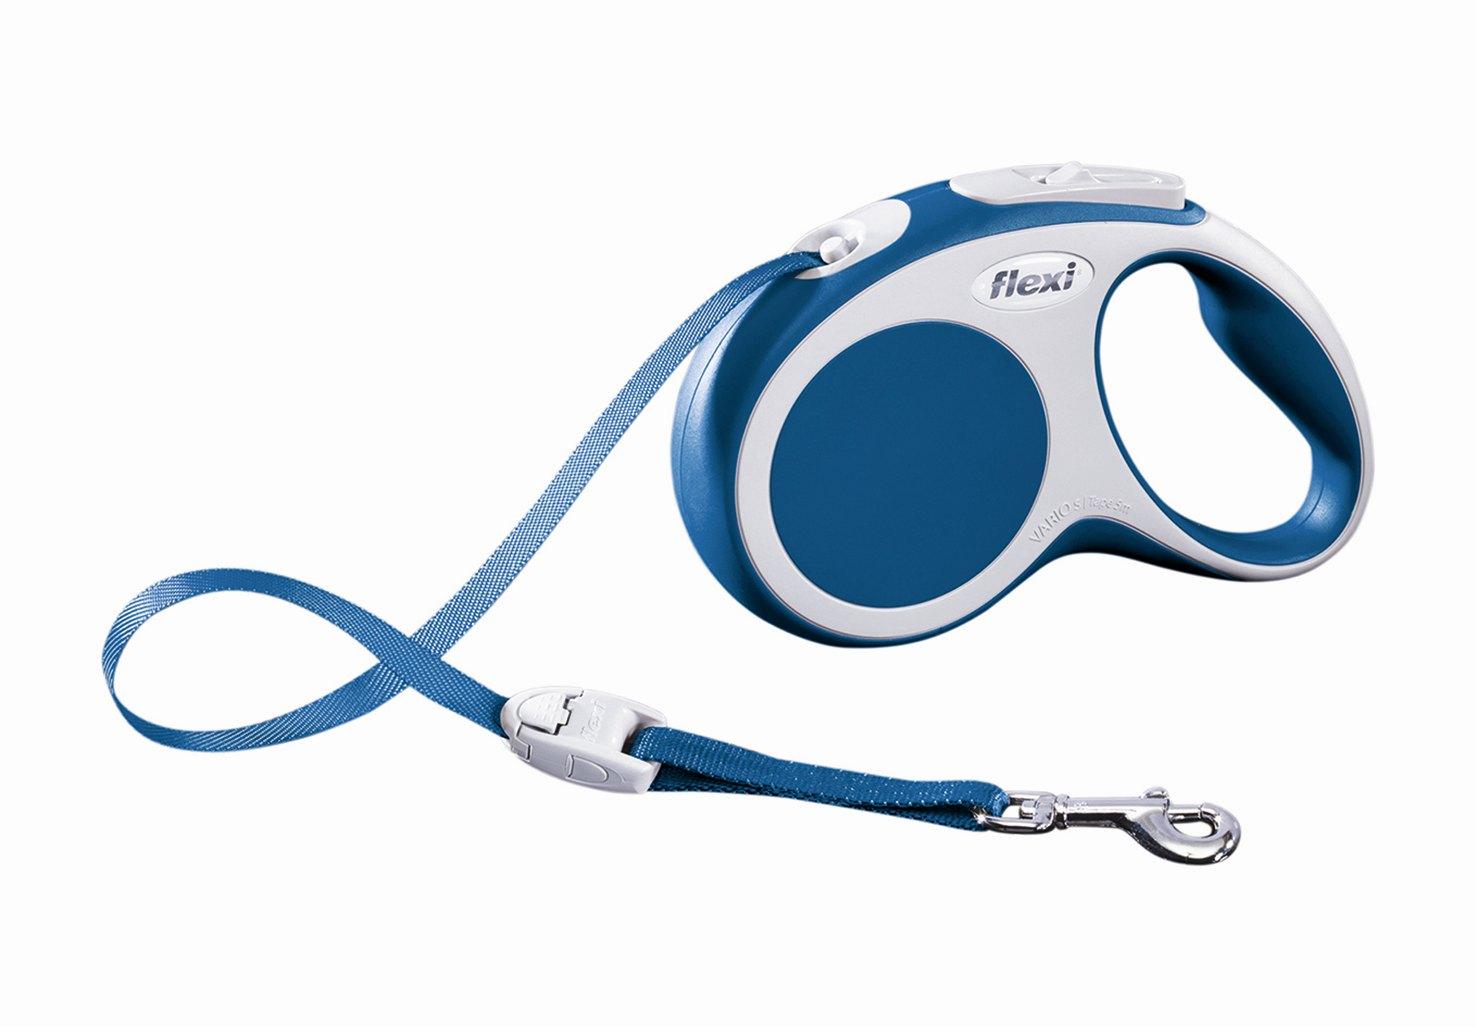 Поводок-рулетка Flexi Vario Compact S для собак до 15 кг, цвет: синий, 5 м019924Поводок-рулетка Flexi Vario Compact S изготовлен из пластика и нейлона. Ленточный поводок обеспечивает каждой собаке свободу движения, что идет на пользу здоровью и радует вашего четвероногого друга. Рулетка очень проста в использовании, оснащена кнопками кратковременной и постоянной фиксации. Ее можно оснастить - мультибоксом для лакомств или пакетиков для сбора фекалий, LED подсветкой корпуса, своркой или ремнем с LED подсветкой. Поводок имеет прочный корпус, хромированную застежку и светоотражающие элементы.Длина поводка: 5 м. Максимальная нагрузка: 15 кг.Товар сертифицирован.